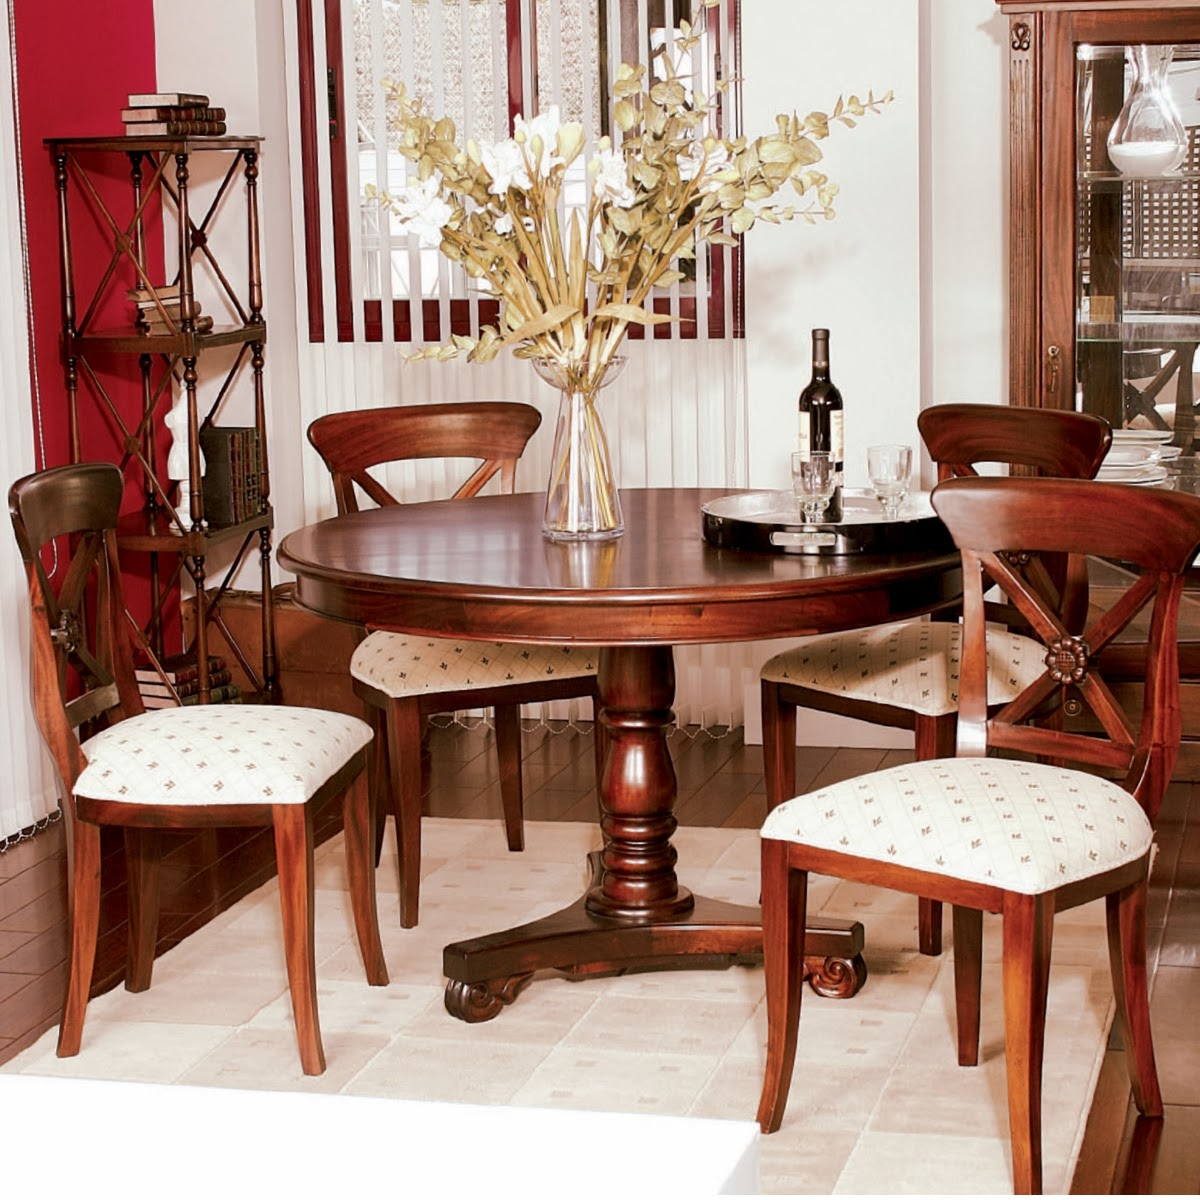 Muebles de comedor 5 comedores clasicos en caoba for Imagenes de comedores de madera